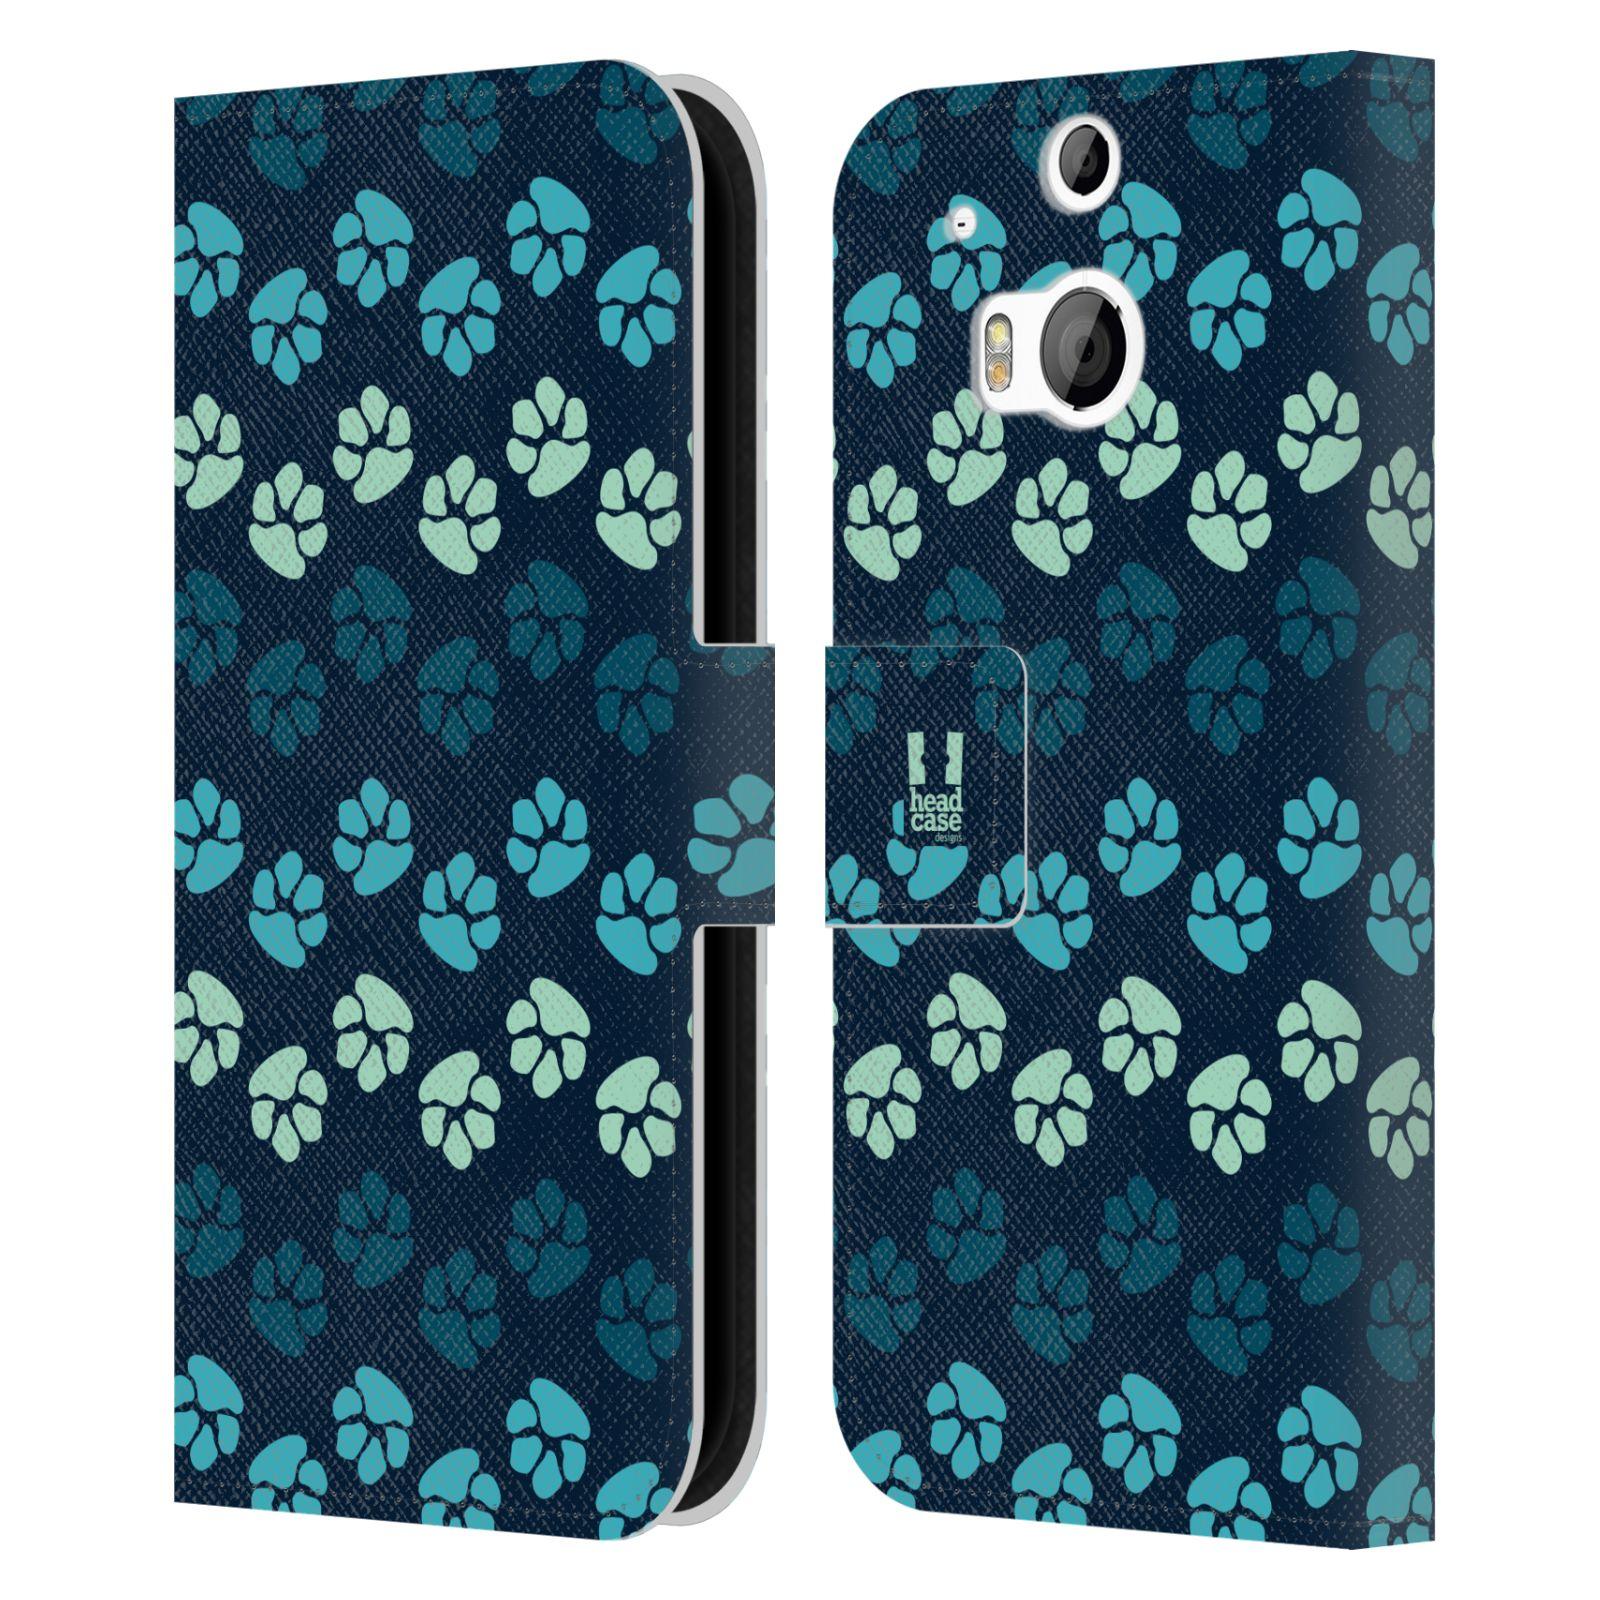 HEAD CASE Flipové pouzdro pro mobil HTC ONE (M8, M8s) Pejsek ťapky modrá barva